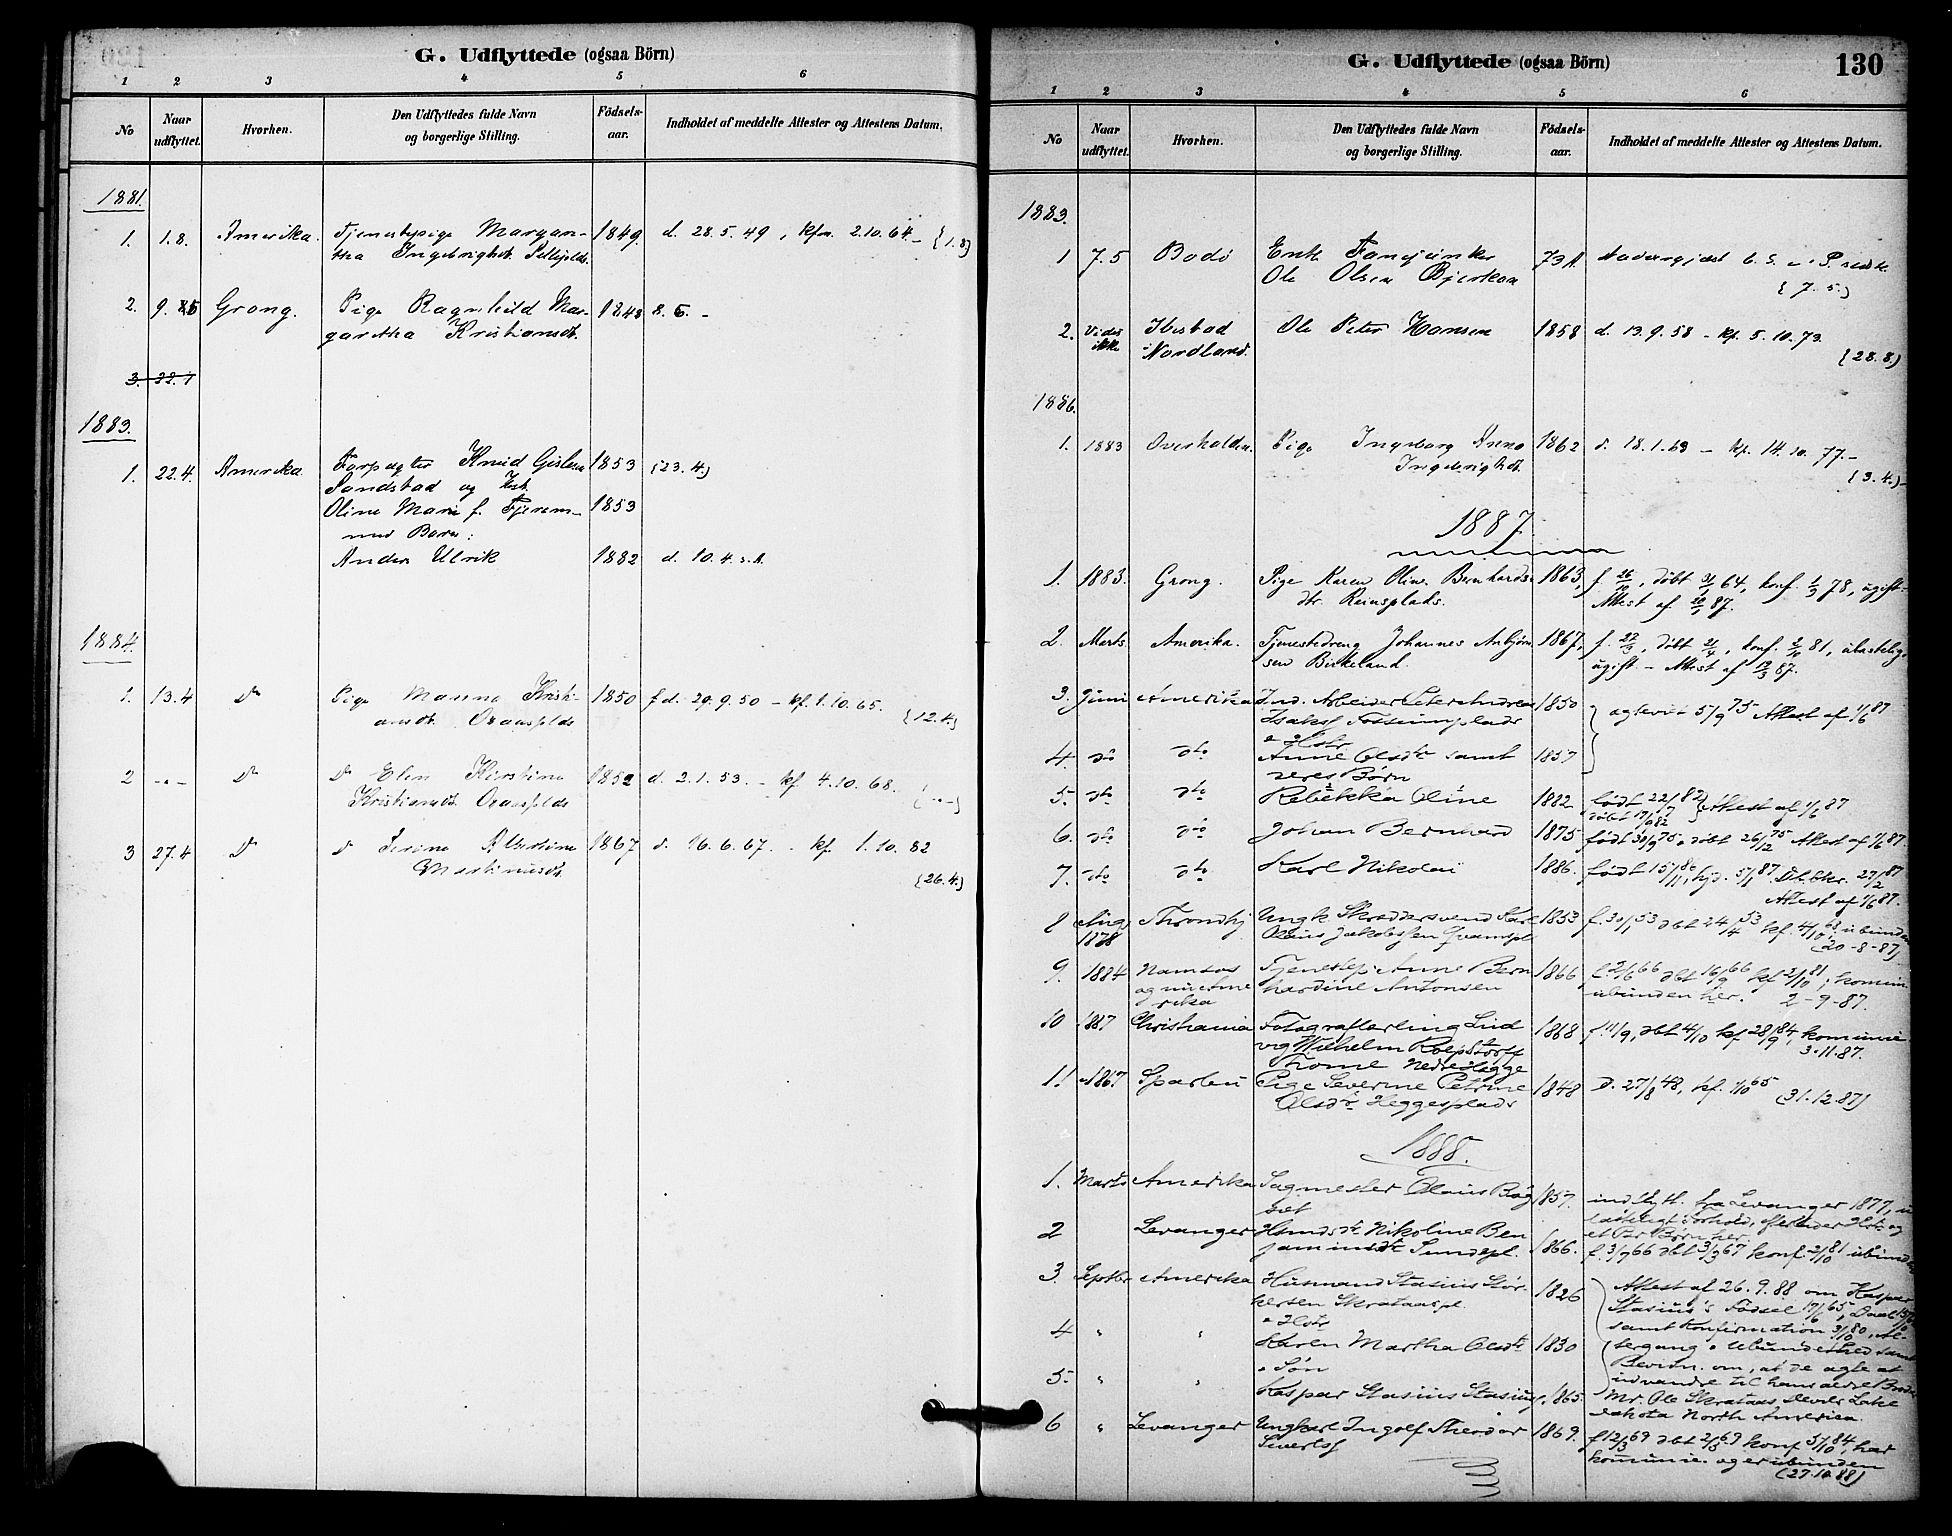 SAT, Ministerialprotokoller, klokkerbøker og fødselsregistre - Nord-Trøndelag, 740/L0378: Ministerialbok nr. 740A01, 1881-1895, s. 130